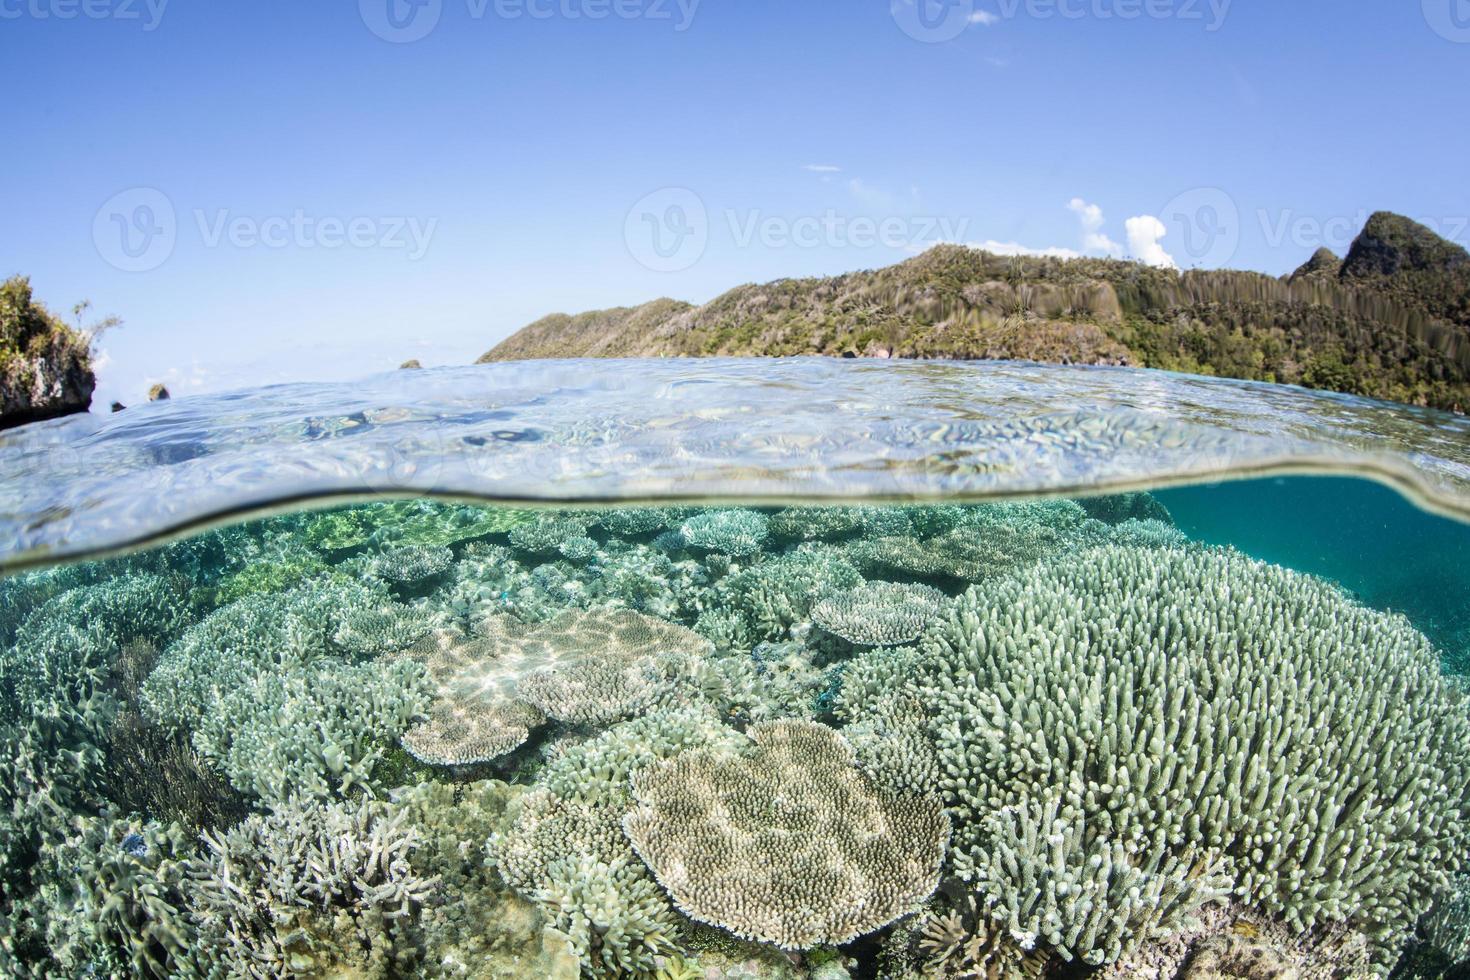 récif peu profond dans le triangle de corail photo